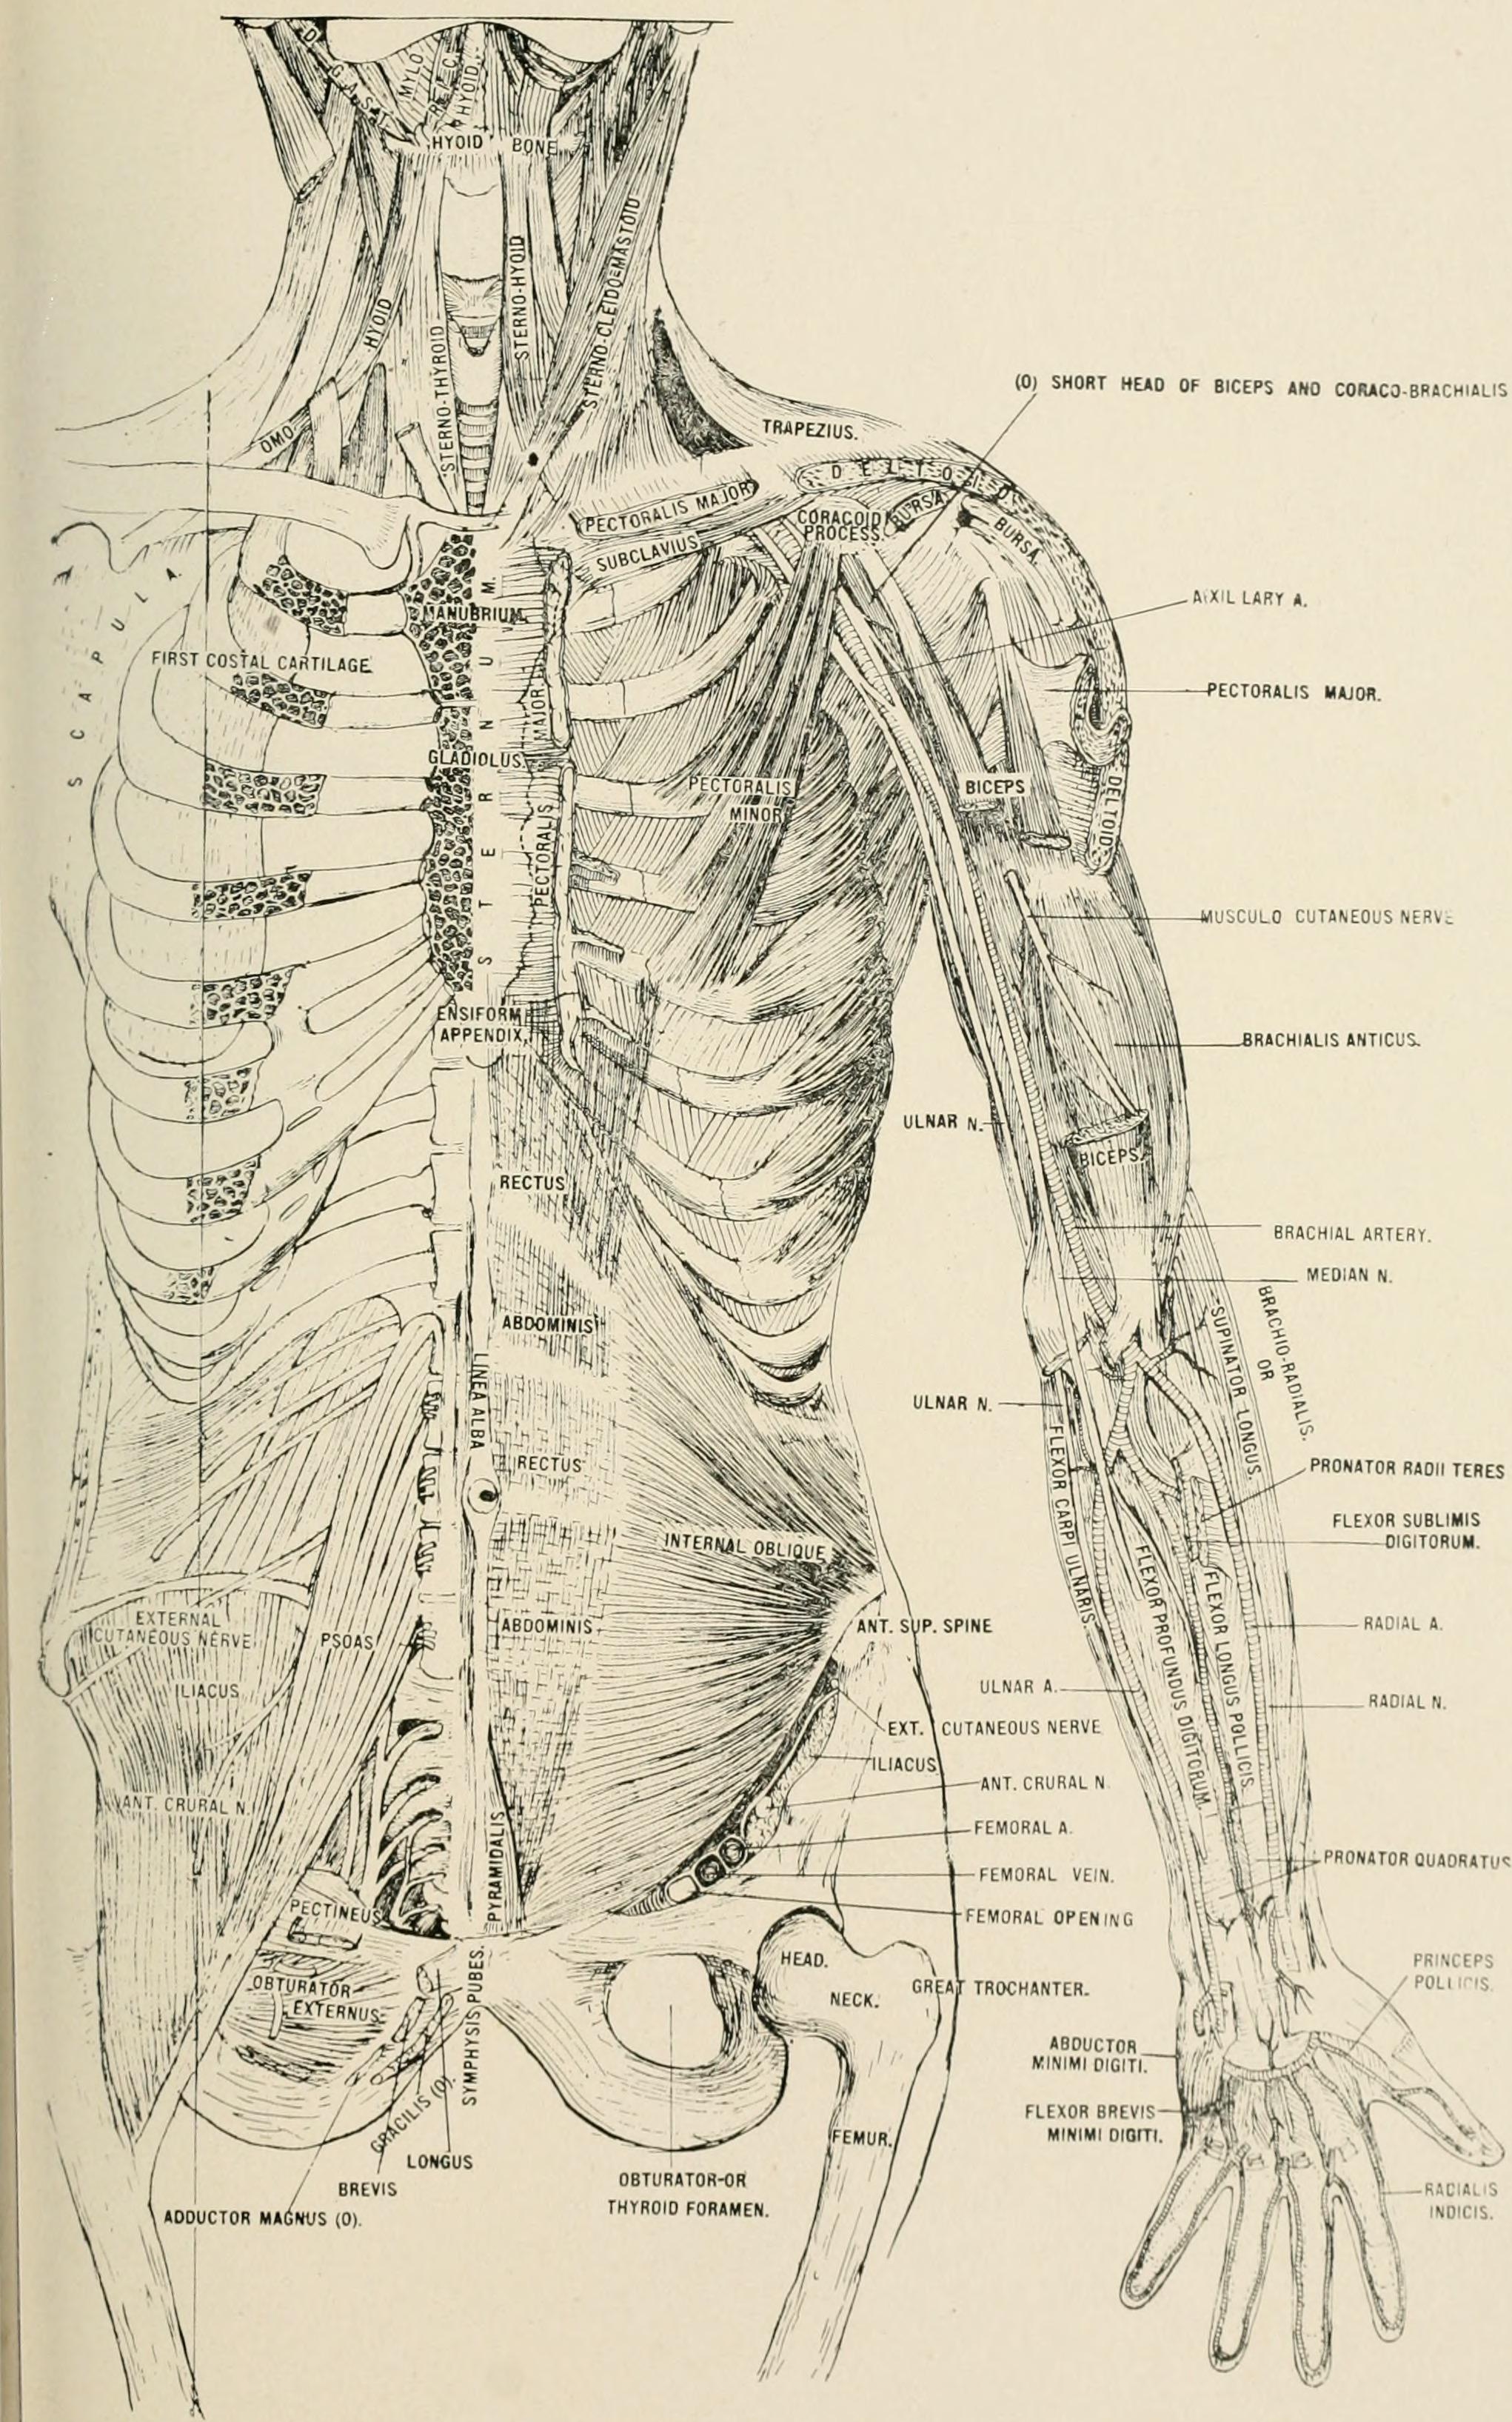 Beste Human Anatomy History Bilder - Menschliche Anatomie Bilder ...